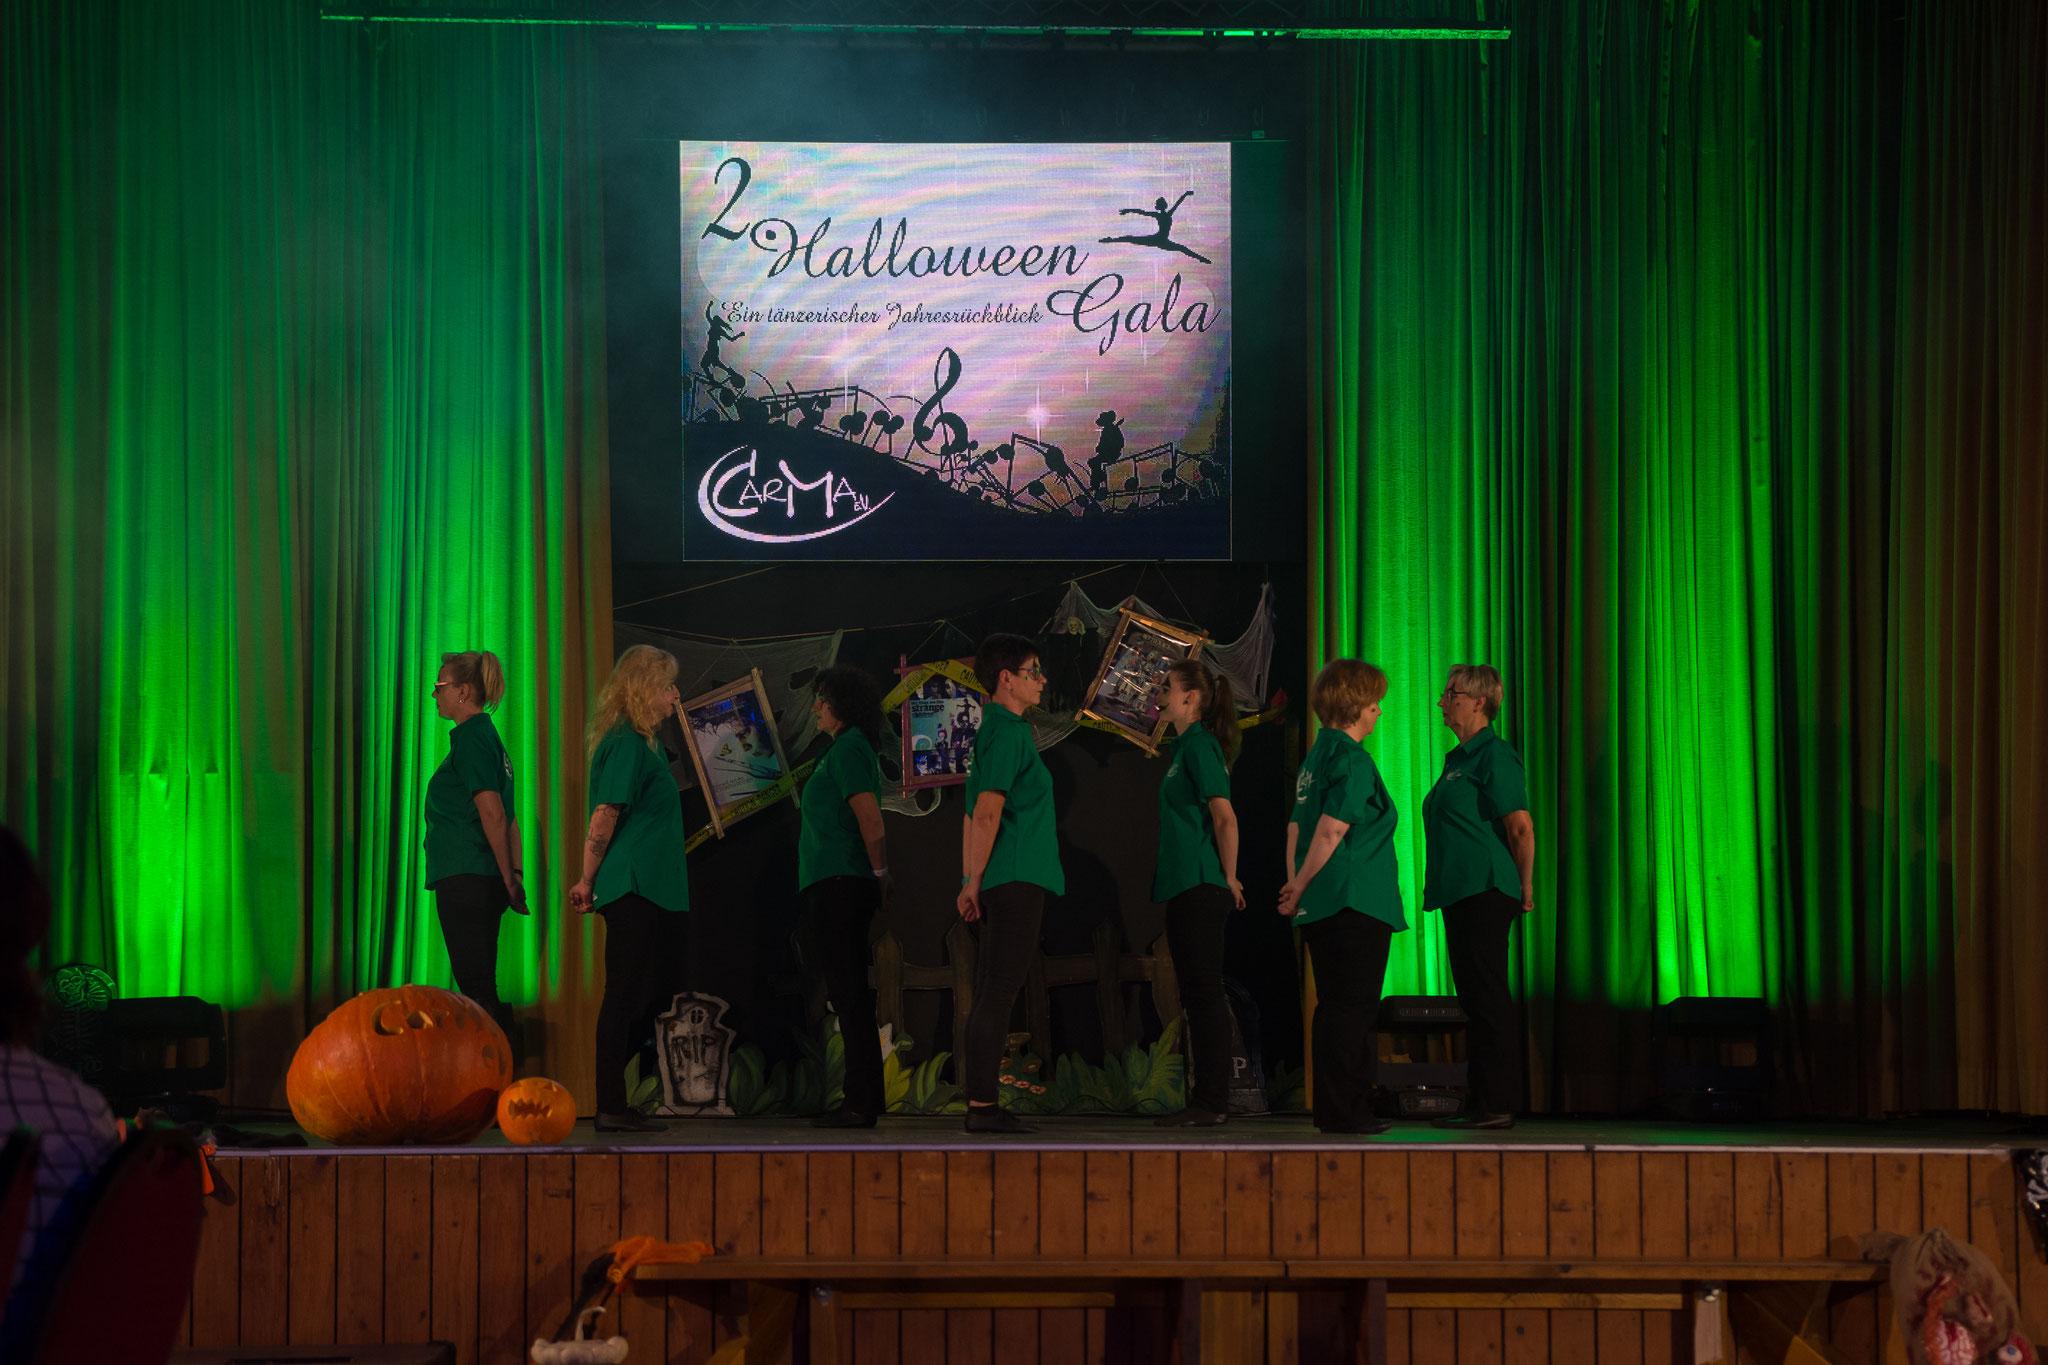 CarMa Line Dance Fans - Fun Kurs - Irisches Medley